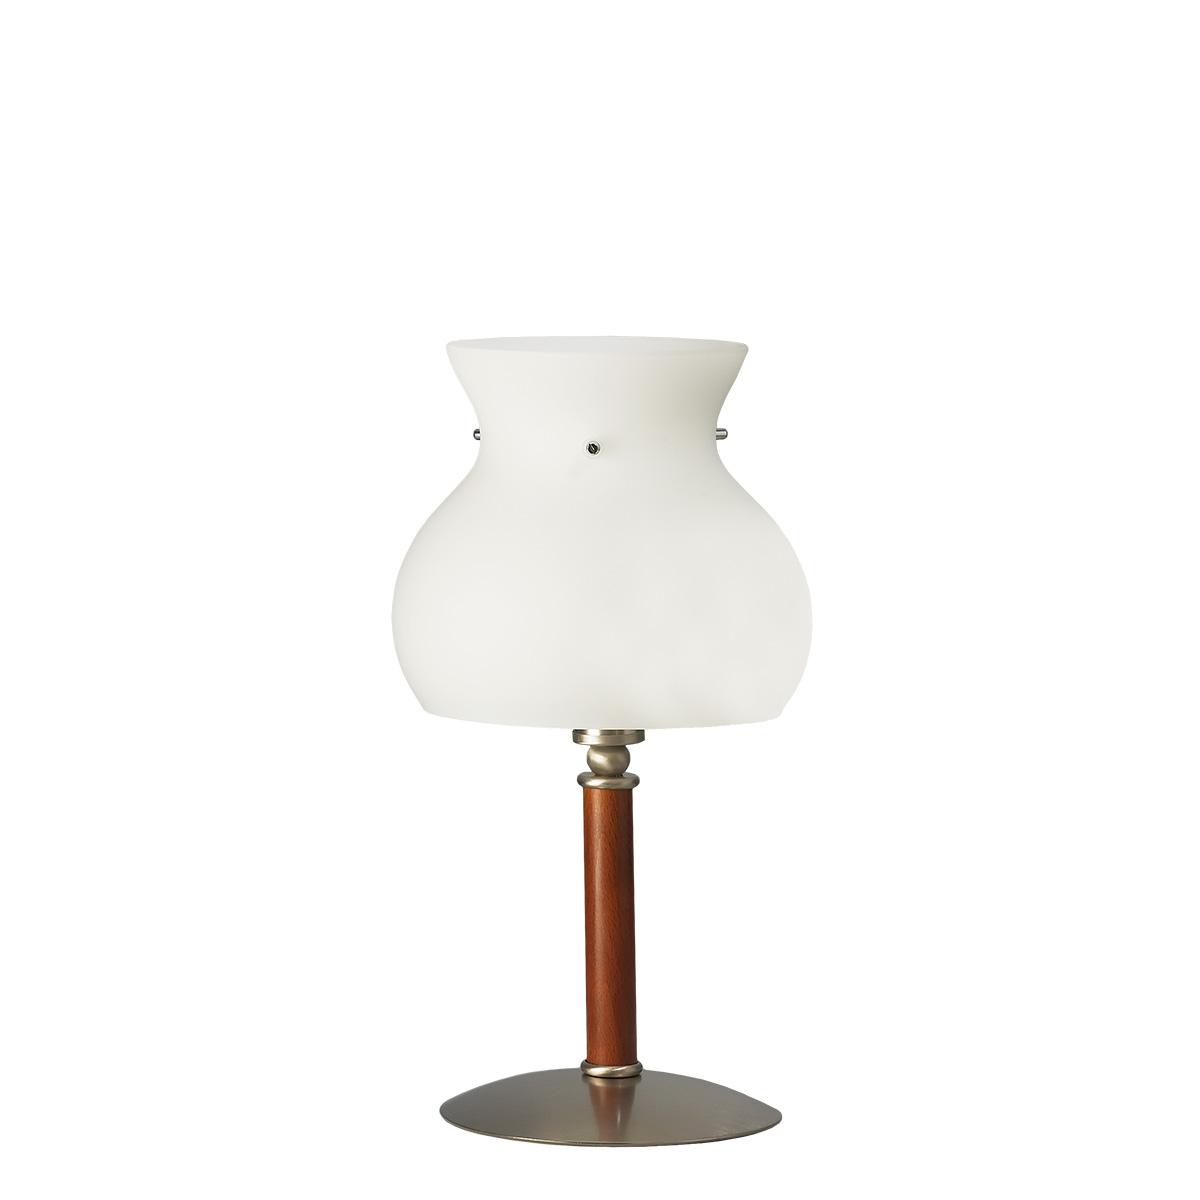 Πορτατίφ Μουράνο λευκό GLOBO murano table lamp